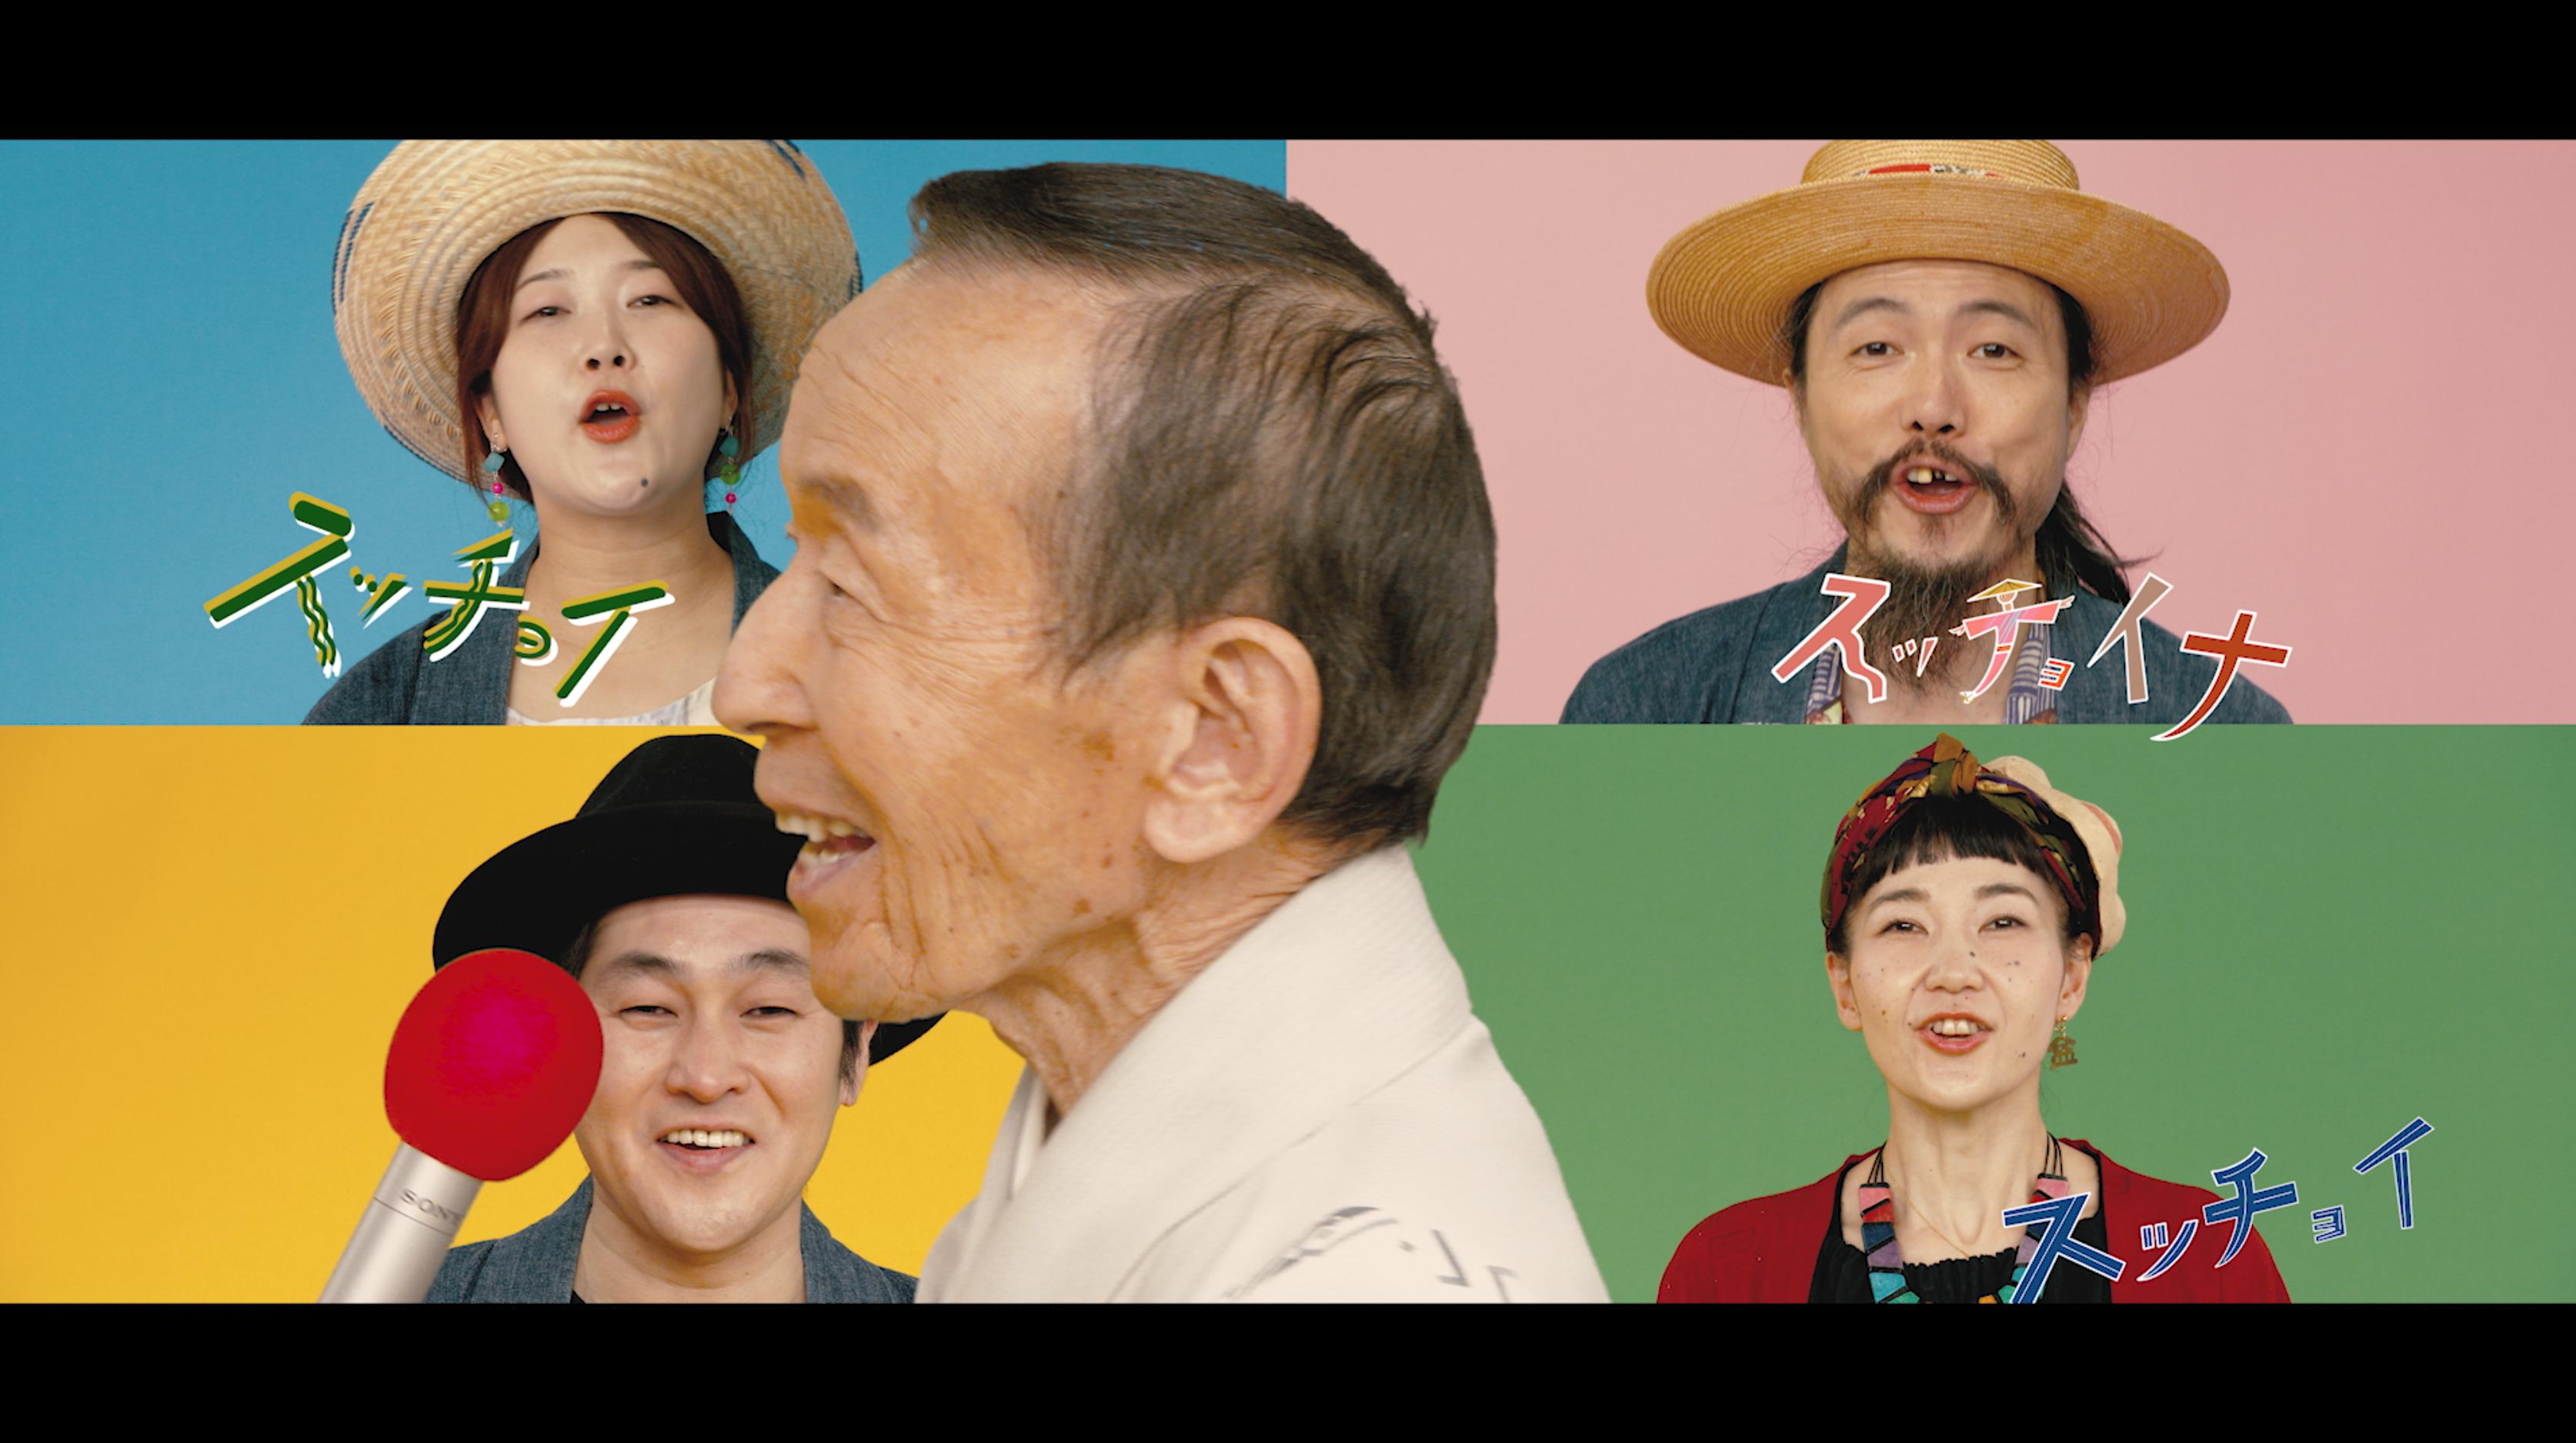 NHK「公共メディア通信 伝統と革新 にっぽんのおと」